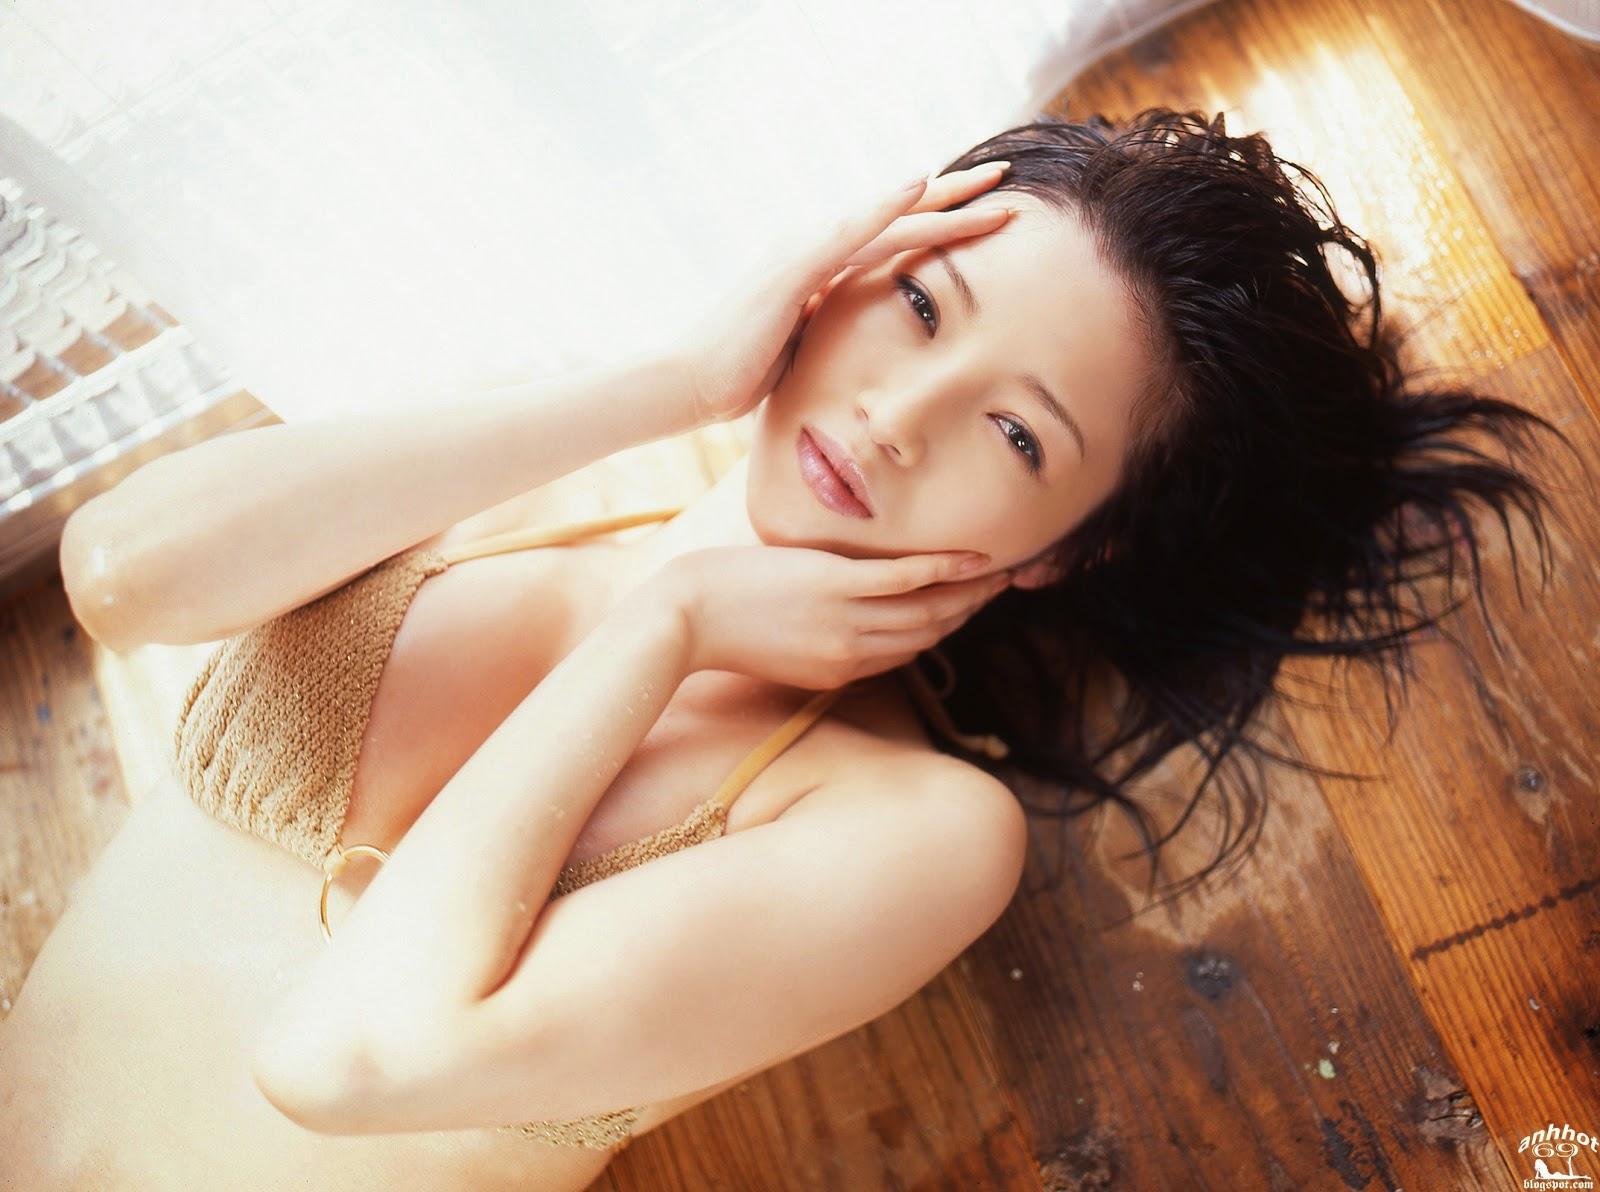 yuuri-morishita-02028986